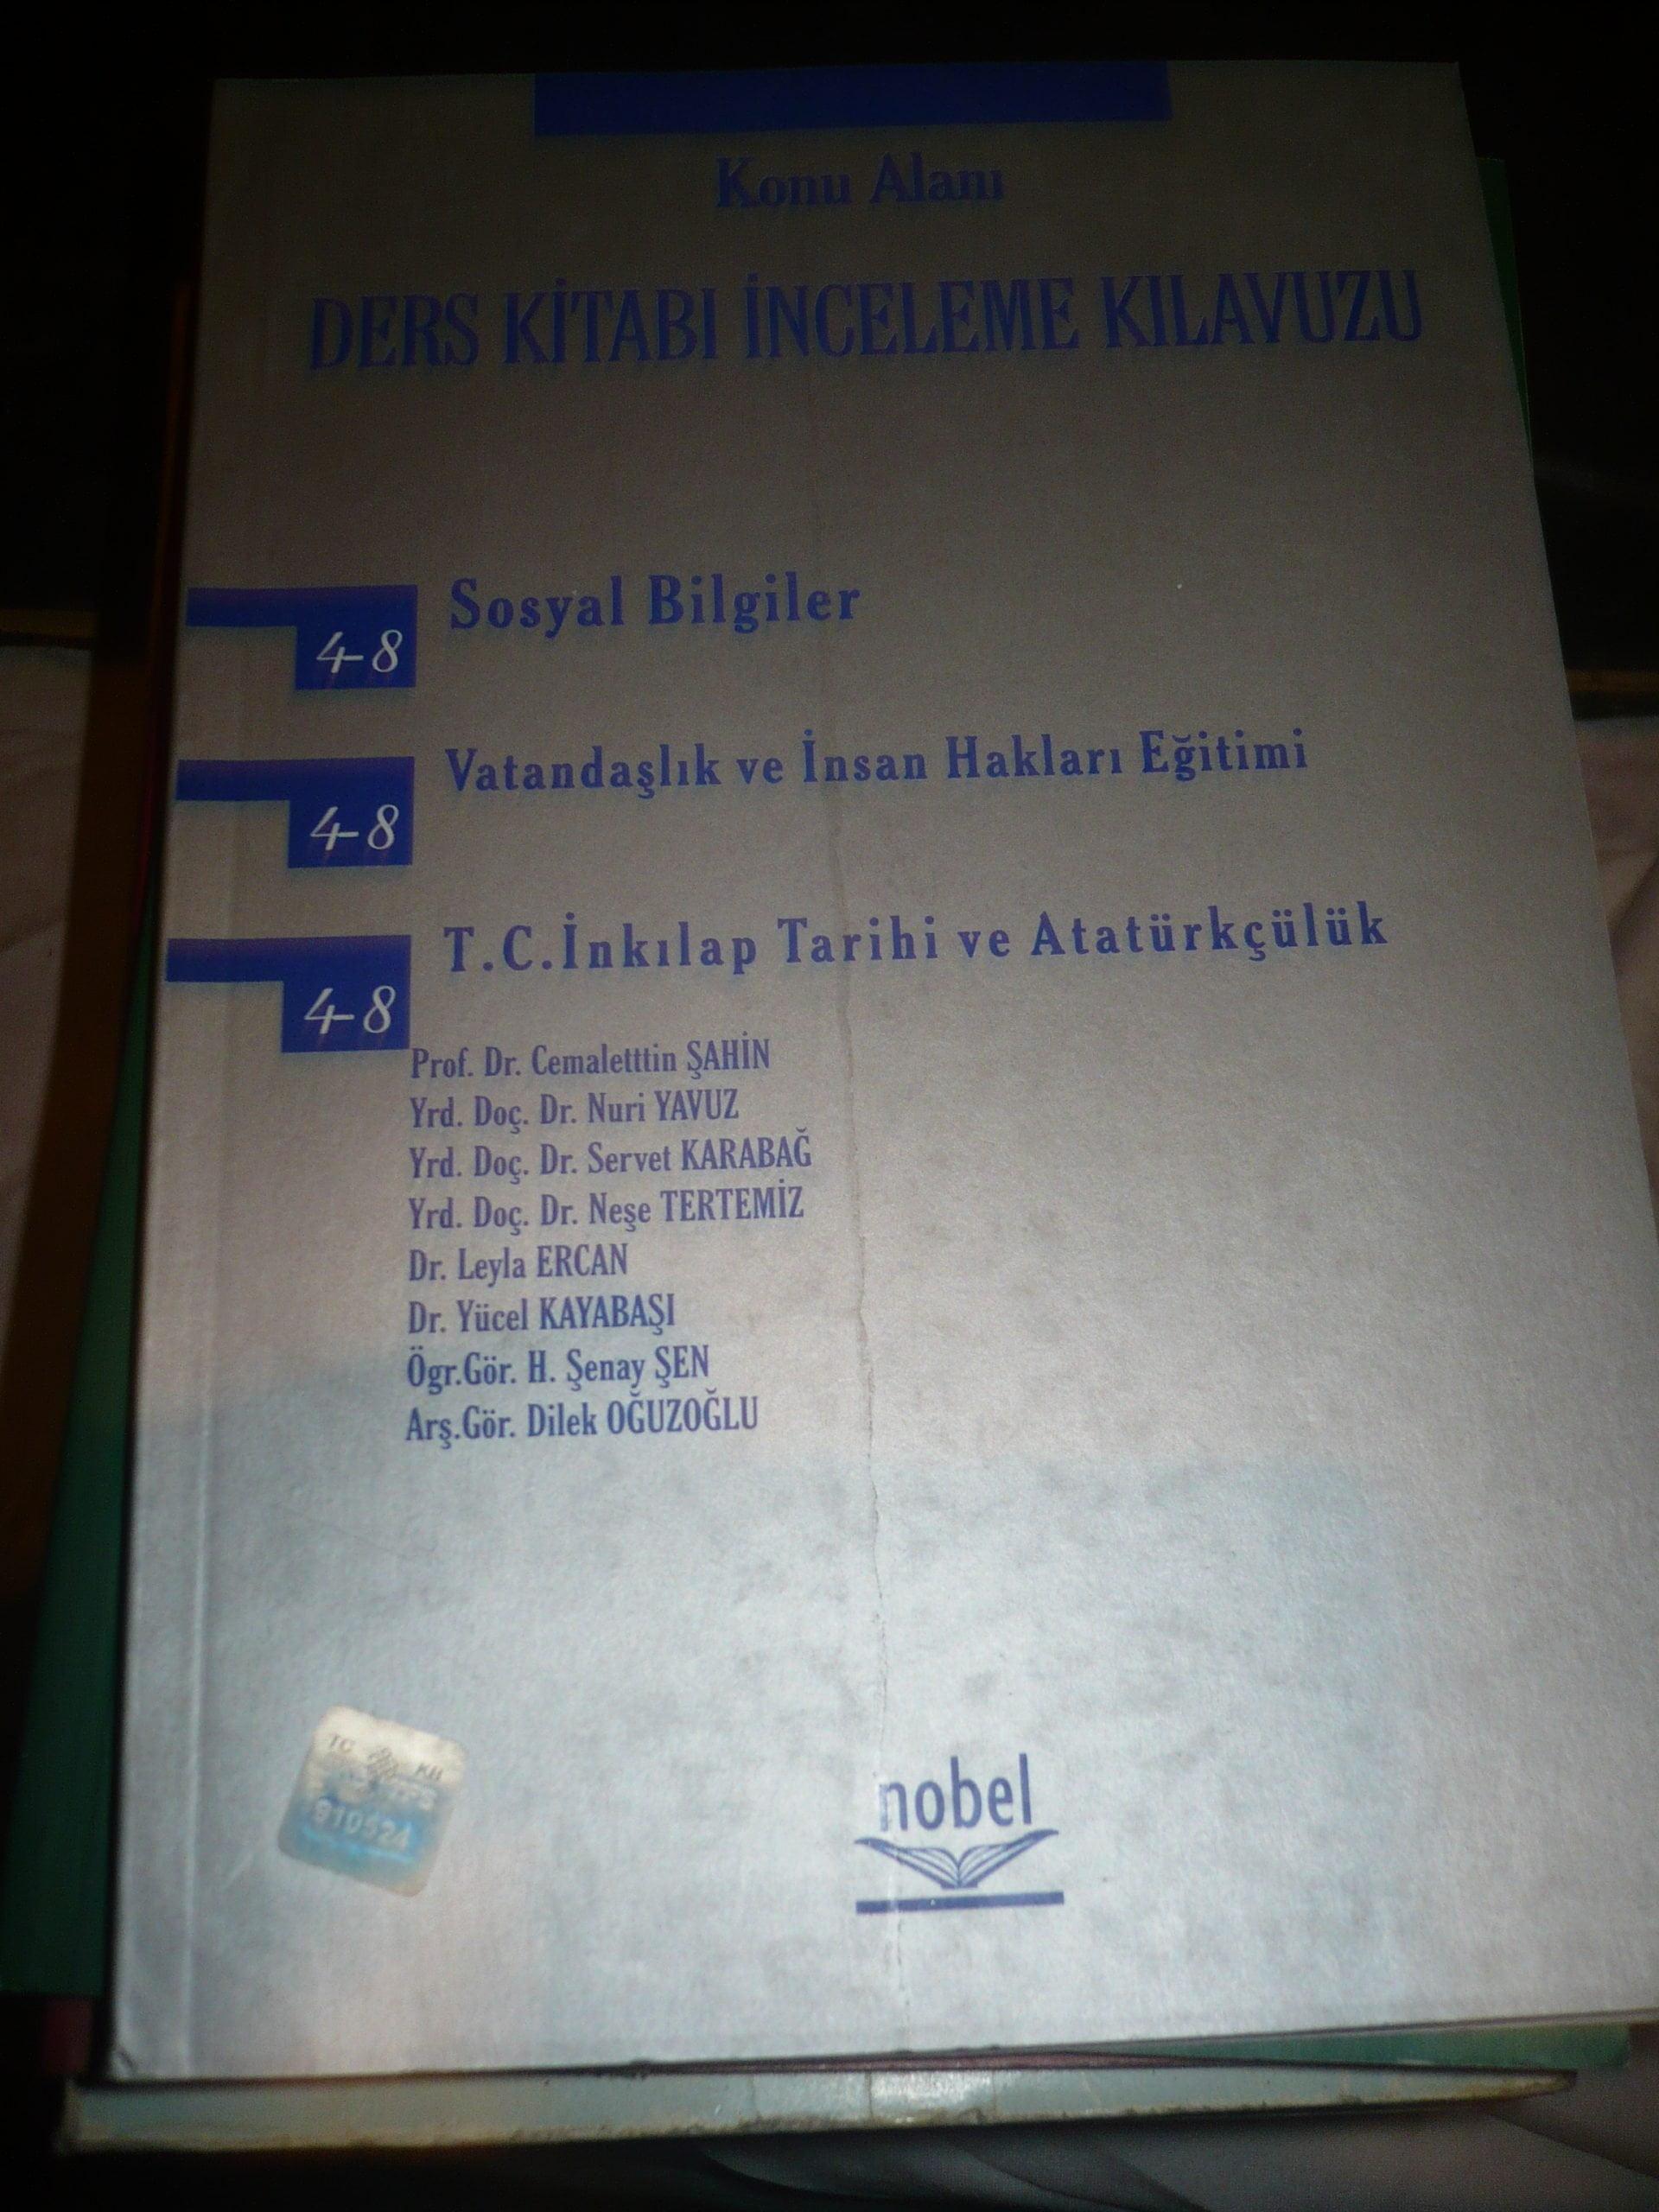 DERS KİTABI İNCELEME KILAVUZU(Sosyal bilgileri,vatandaşlık,TC inkılap tarihi) /Cemalettin ŞAHİN VE HEYET/ 20 TL